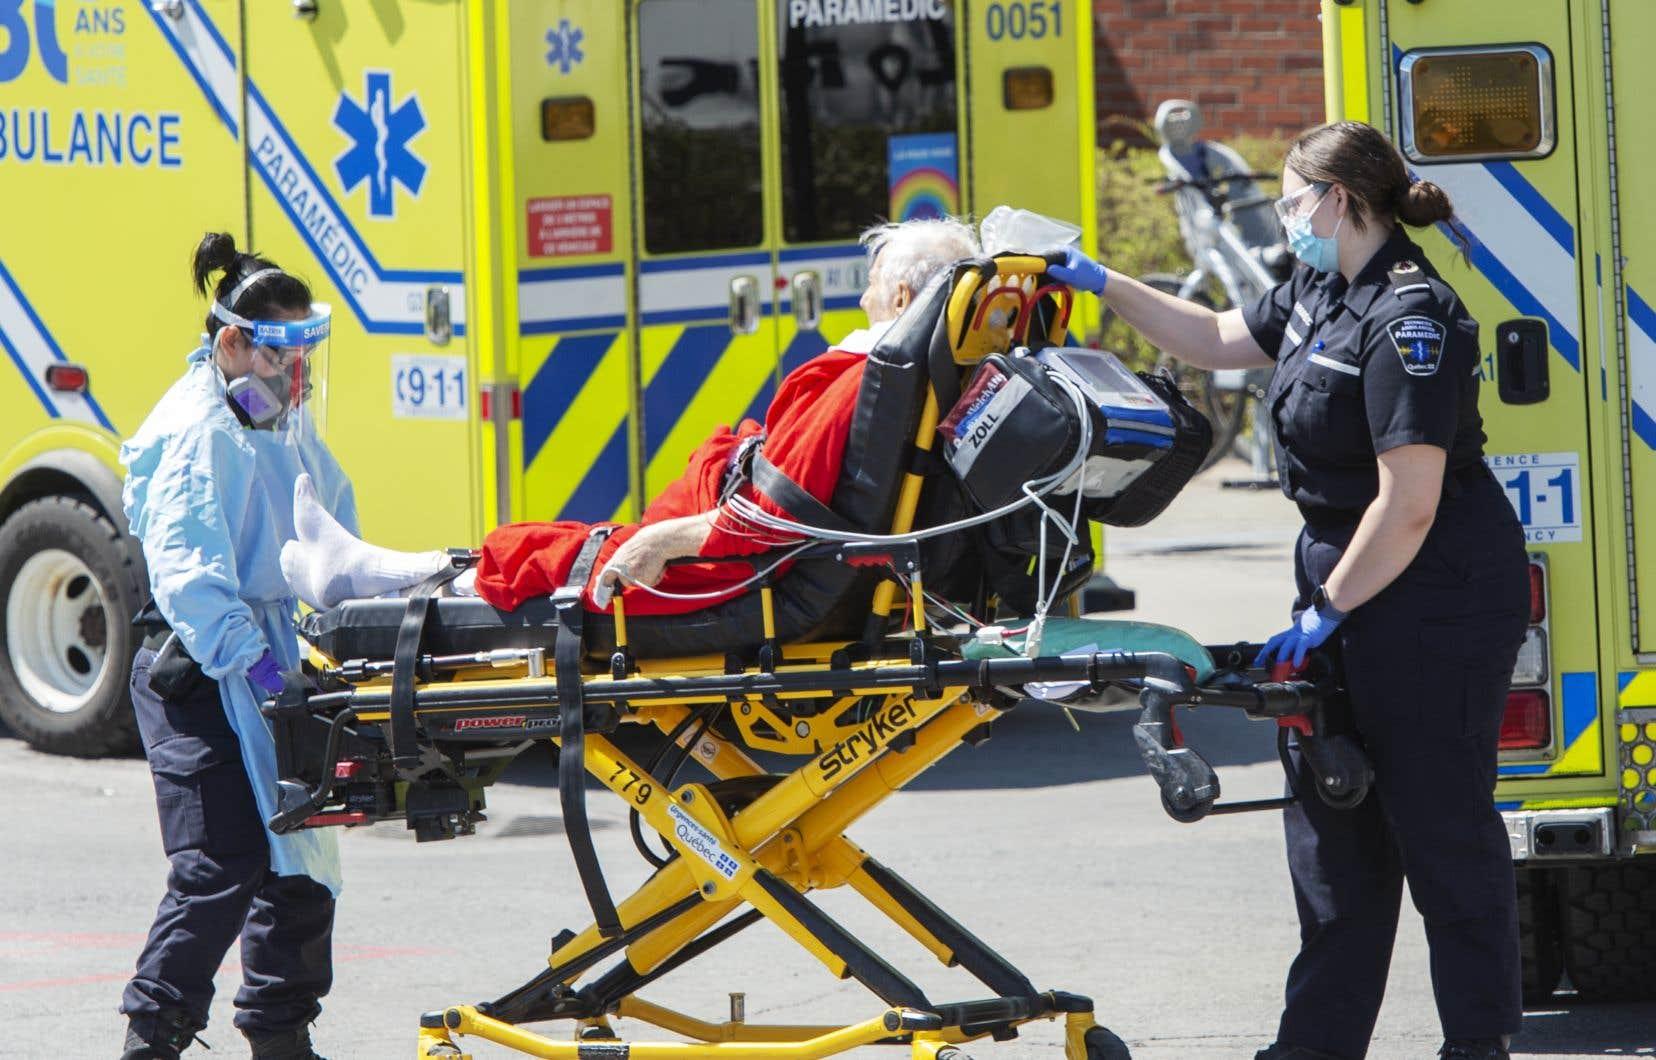 «Des centres de traitement régionaux COVID permettraient de gérer les ressources humaines médicales de manière plus efficace que dans les 39 départements COVID existants répartis à travers le Québec», croit l'auteur.